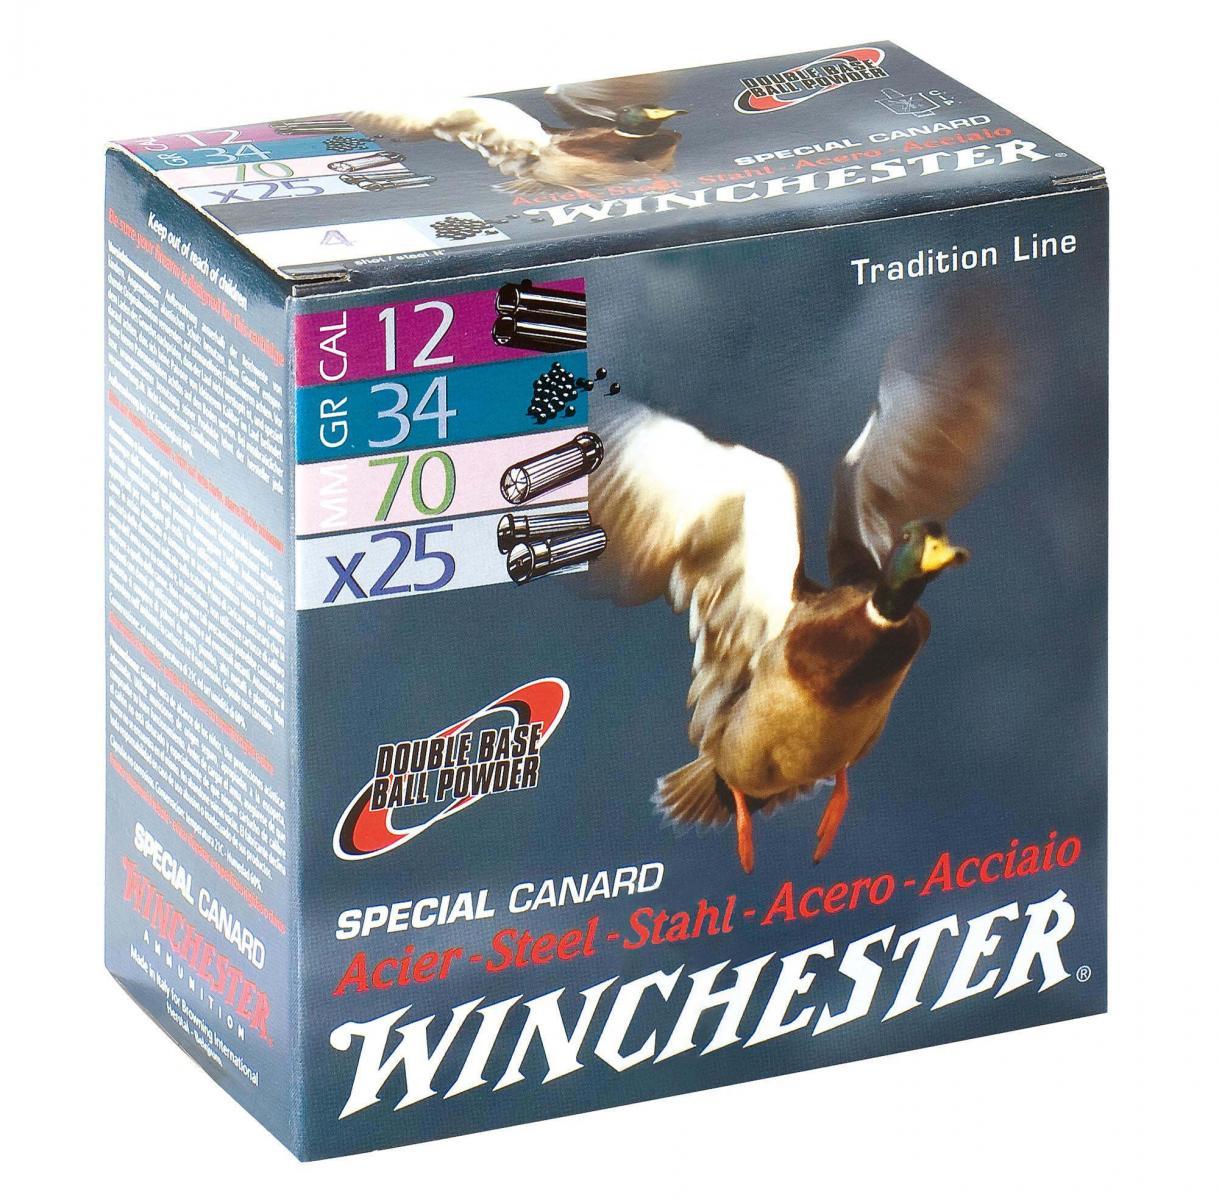 Boite de 150 cartouches WINCHESTER calibre 12 / 70 SPECIAL CANARD Acier WHSPD